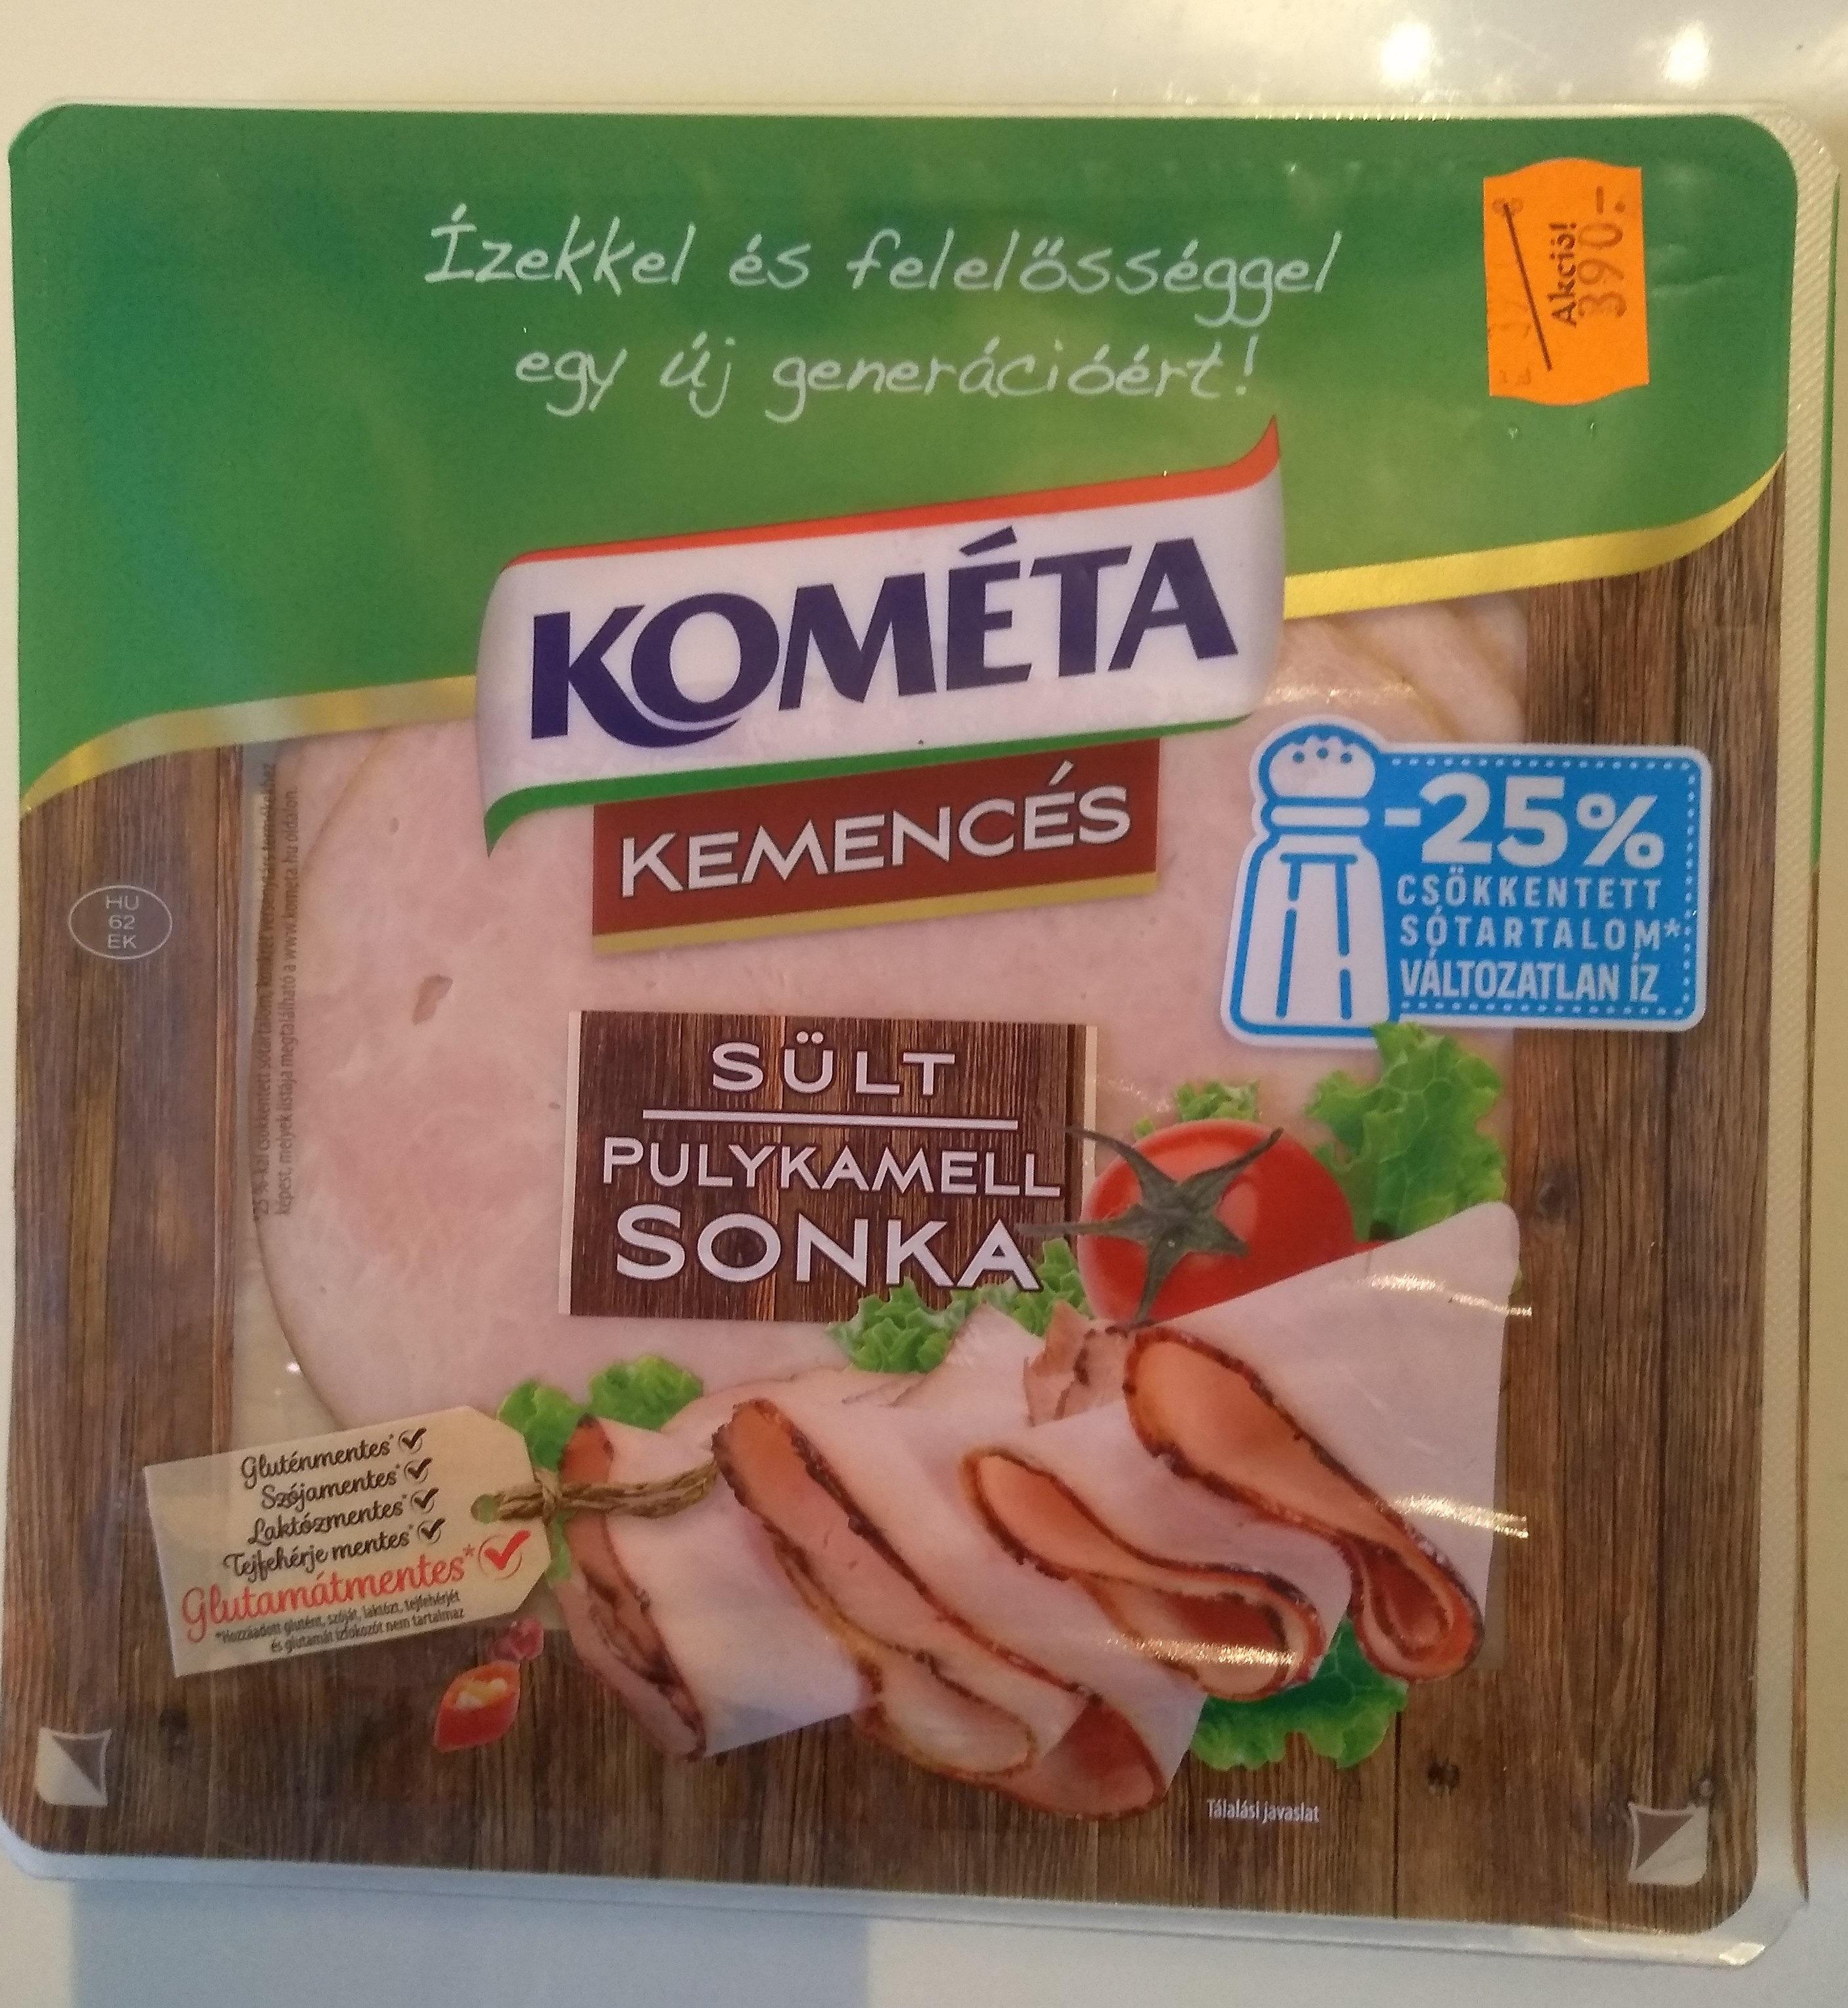 Kemencés sült pulykamell sonka - Produit - hu